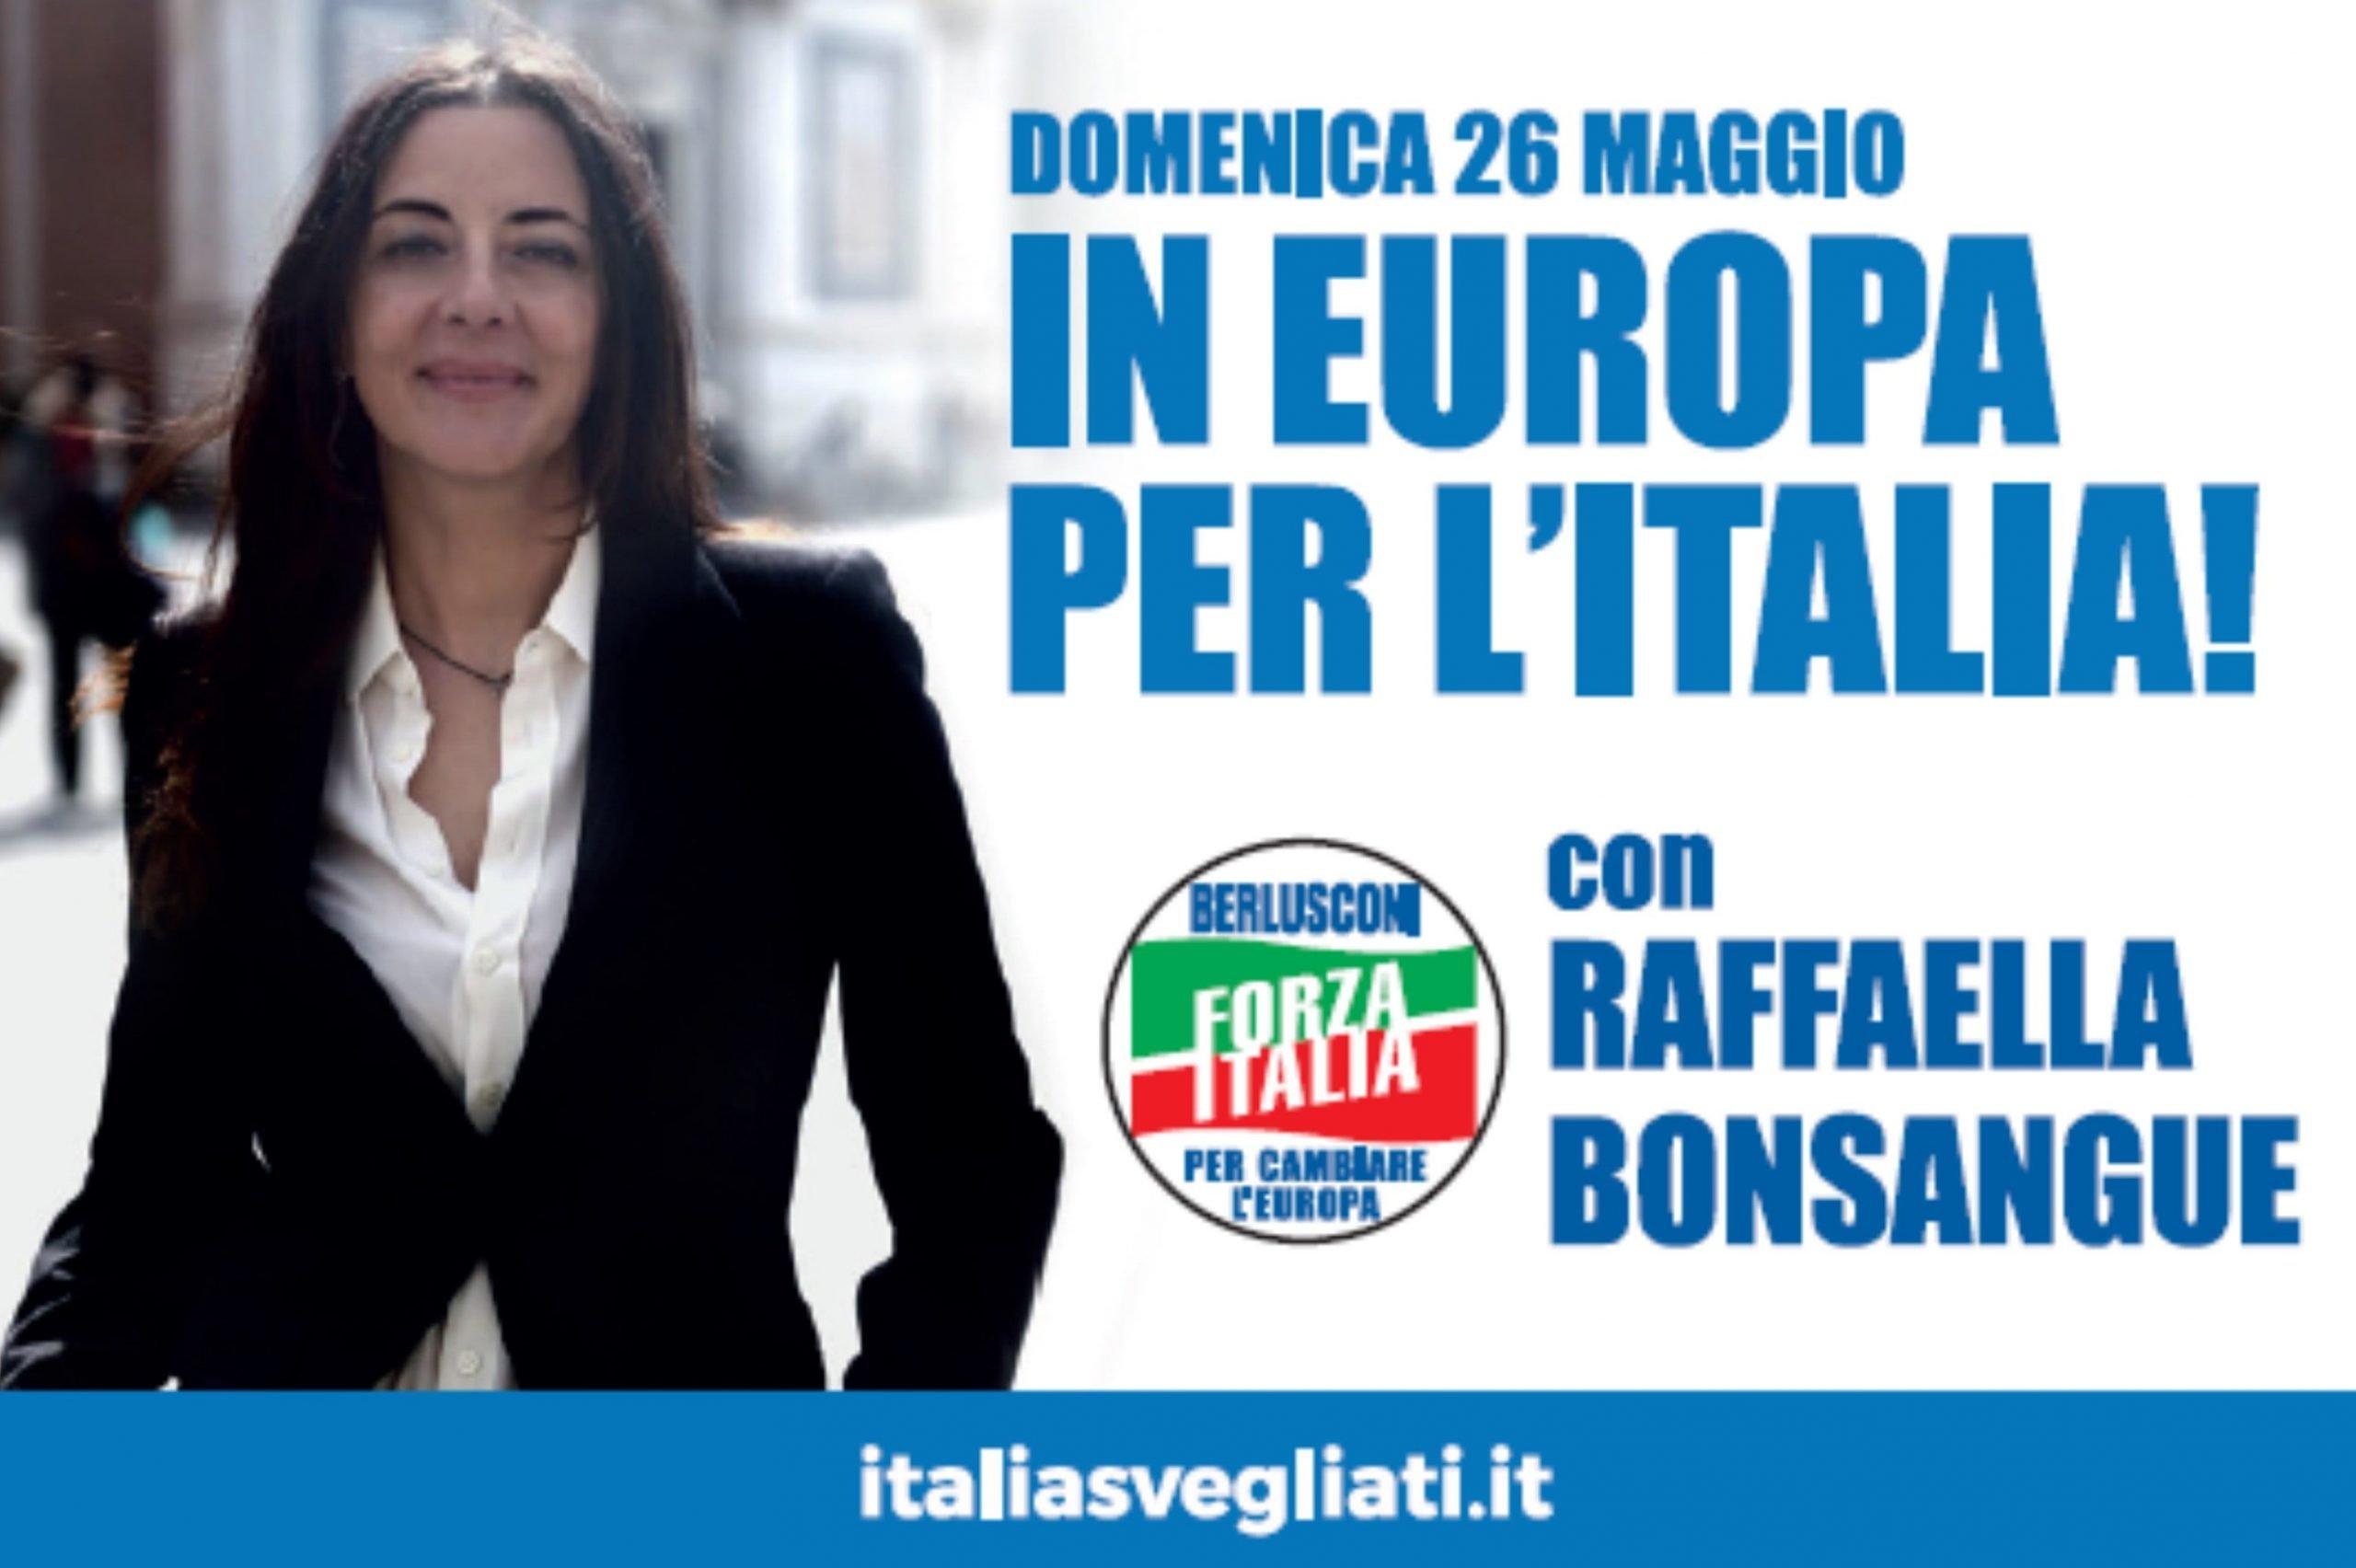 I Seniores di Forza Italia sostengono Tajani e Bonsangue alle europee